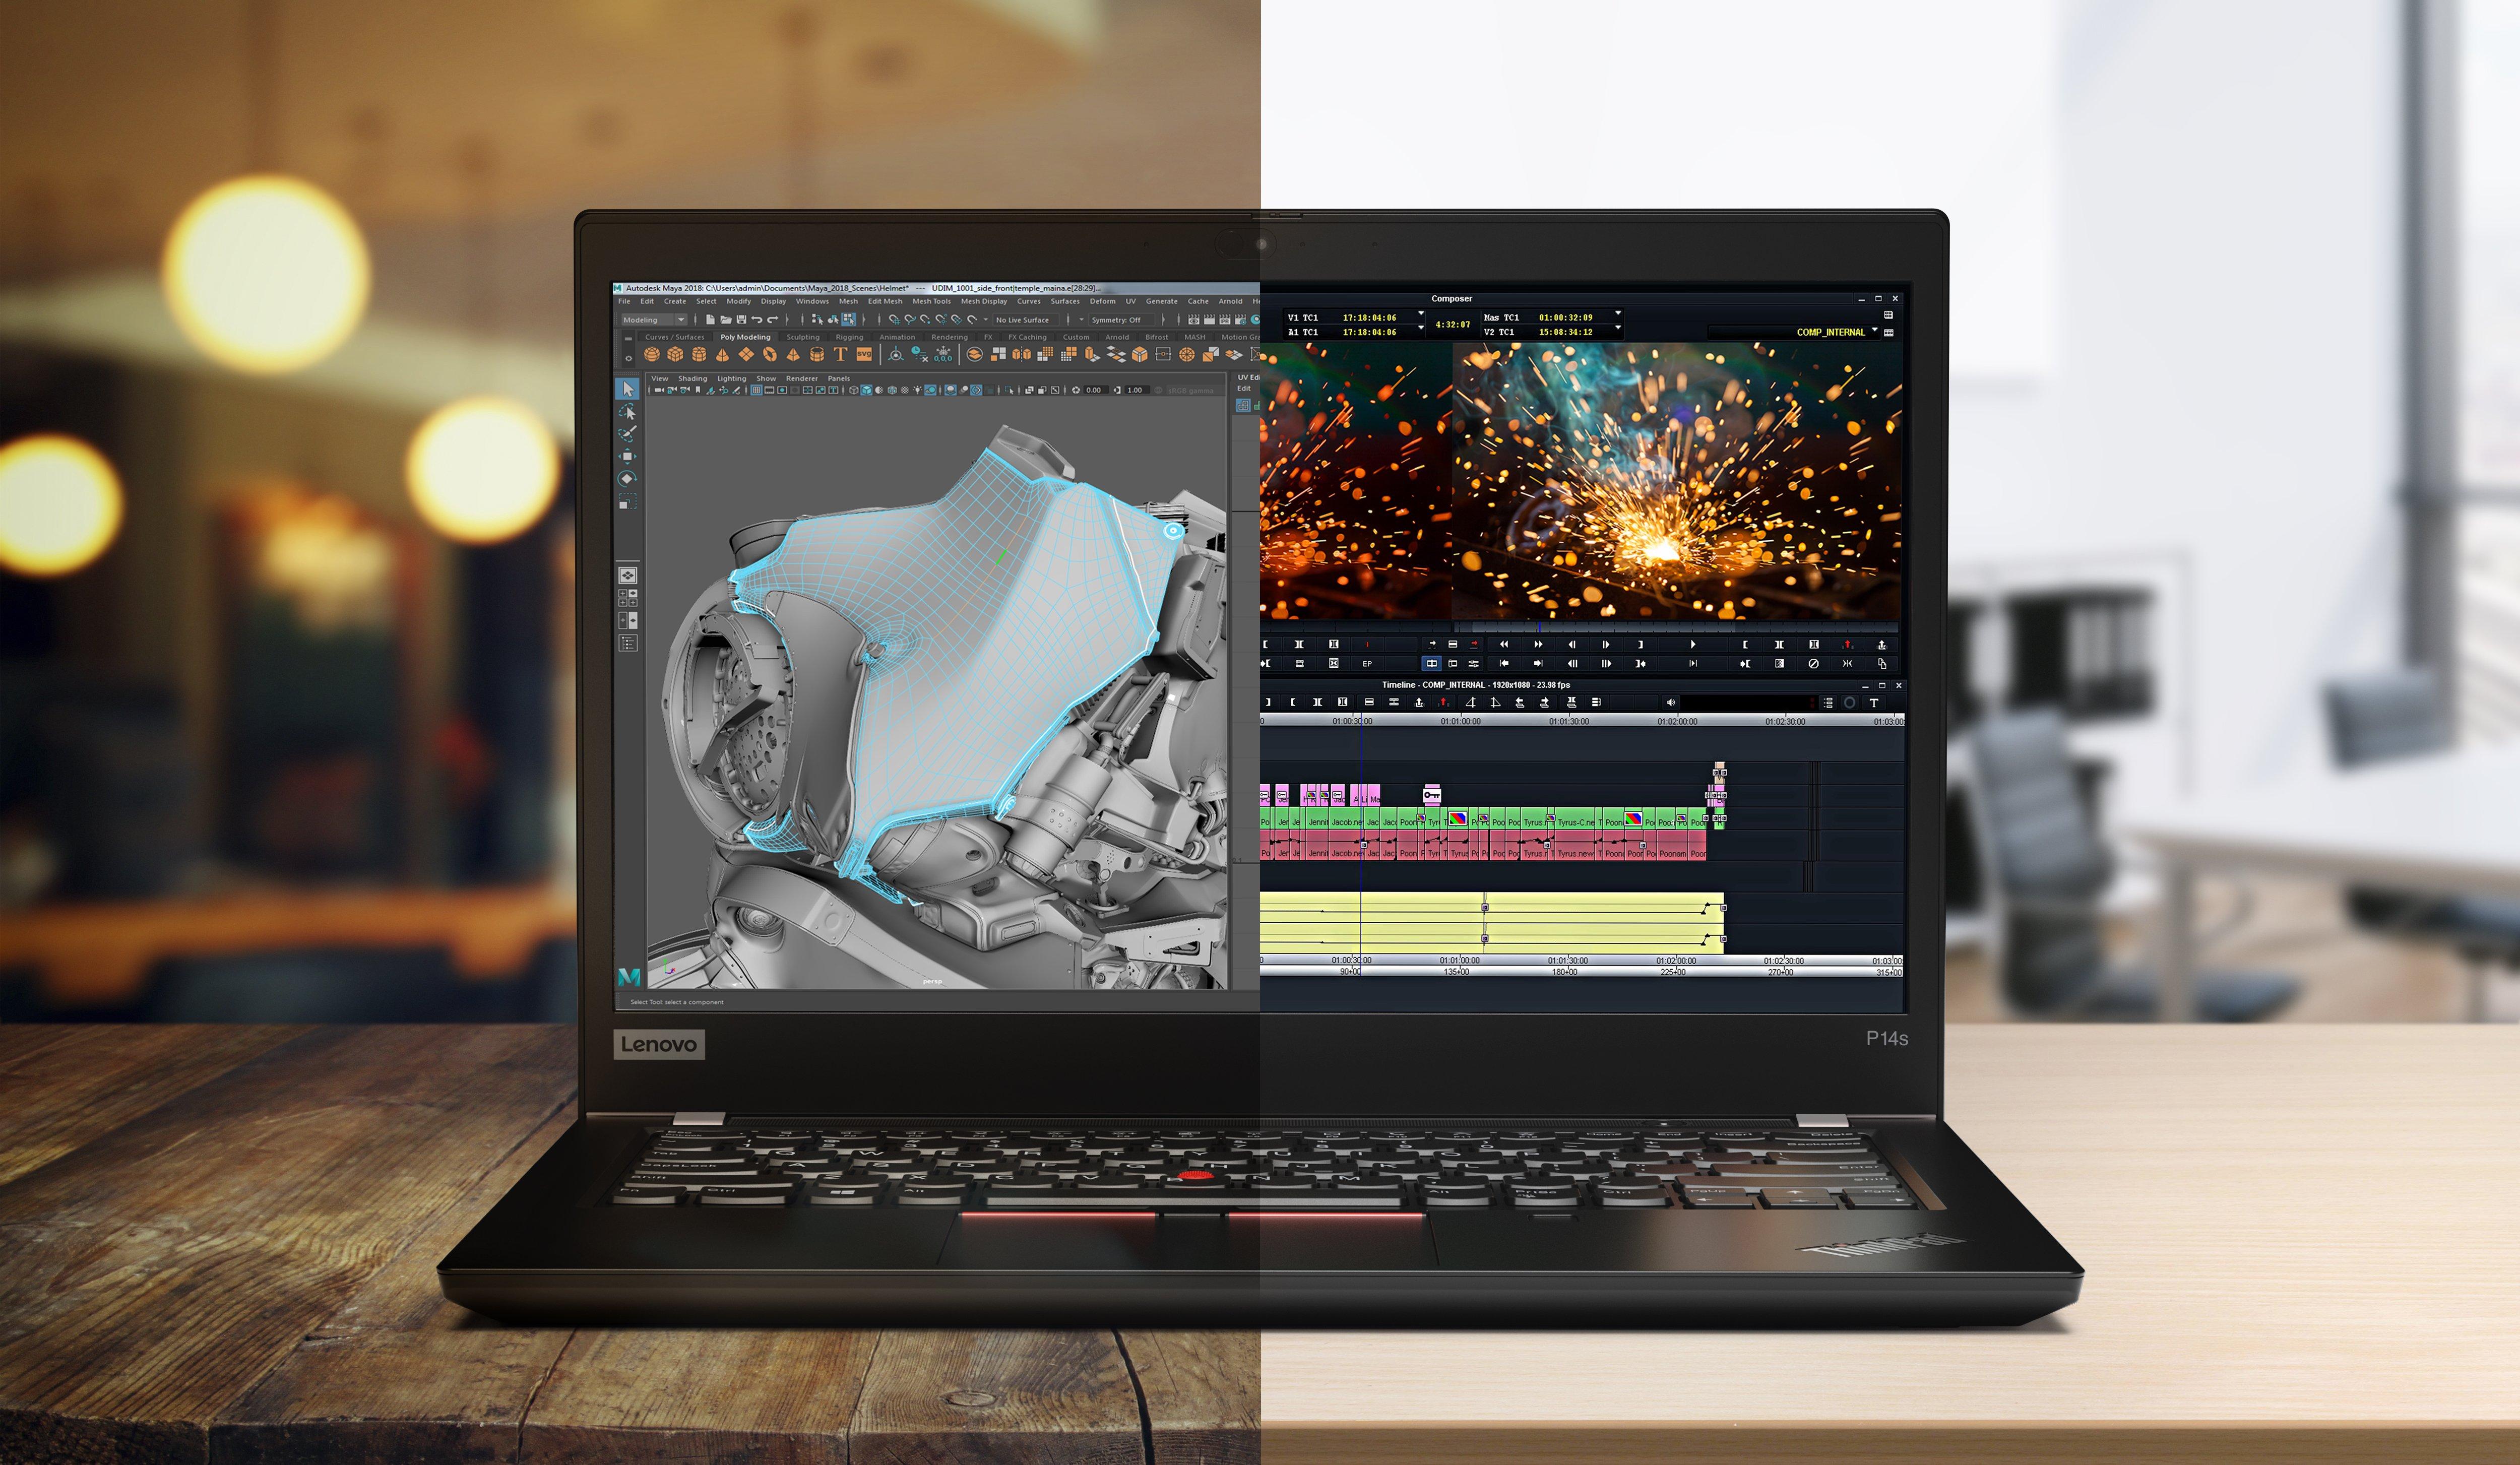 ThinkPad P14s Lifestyle Image M&E